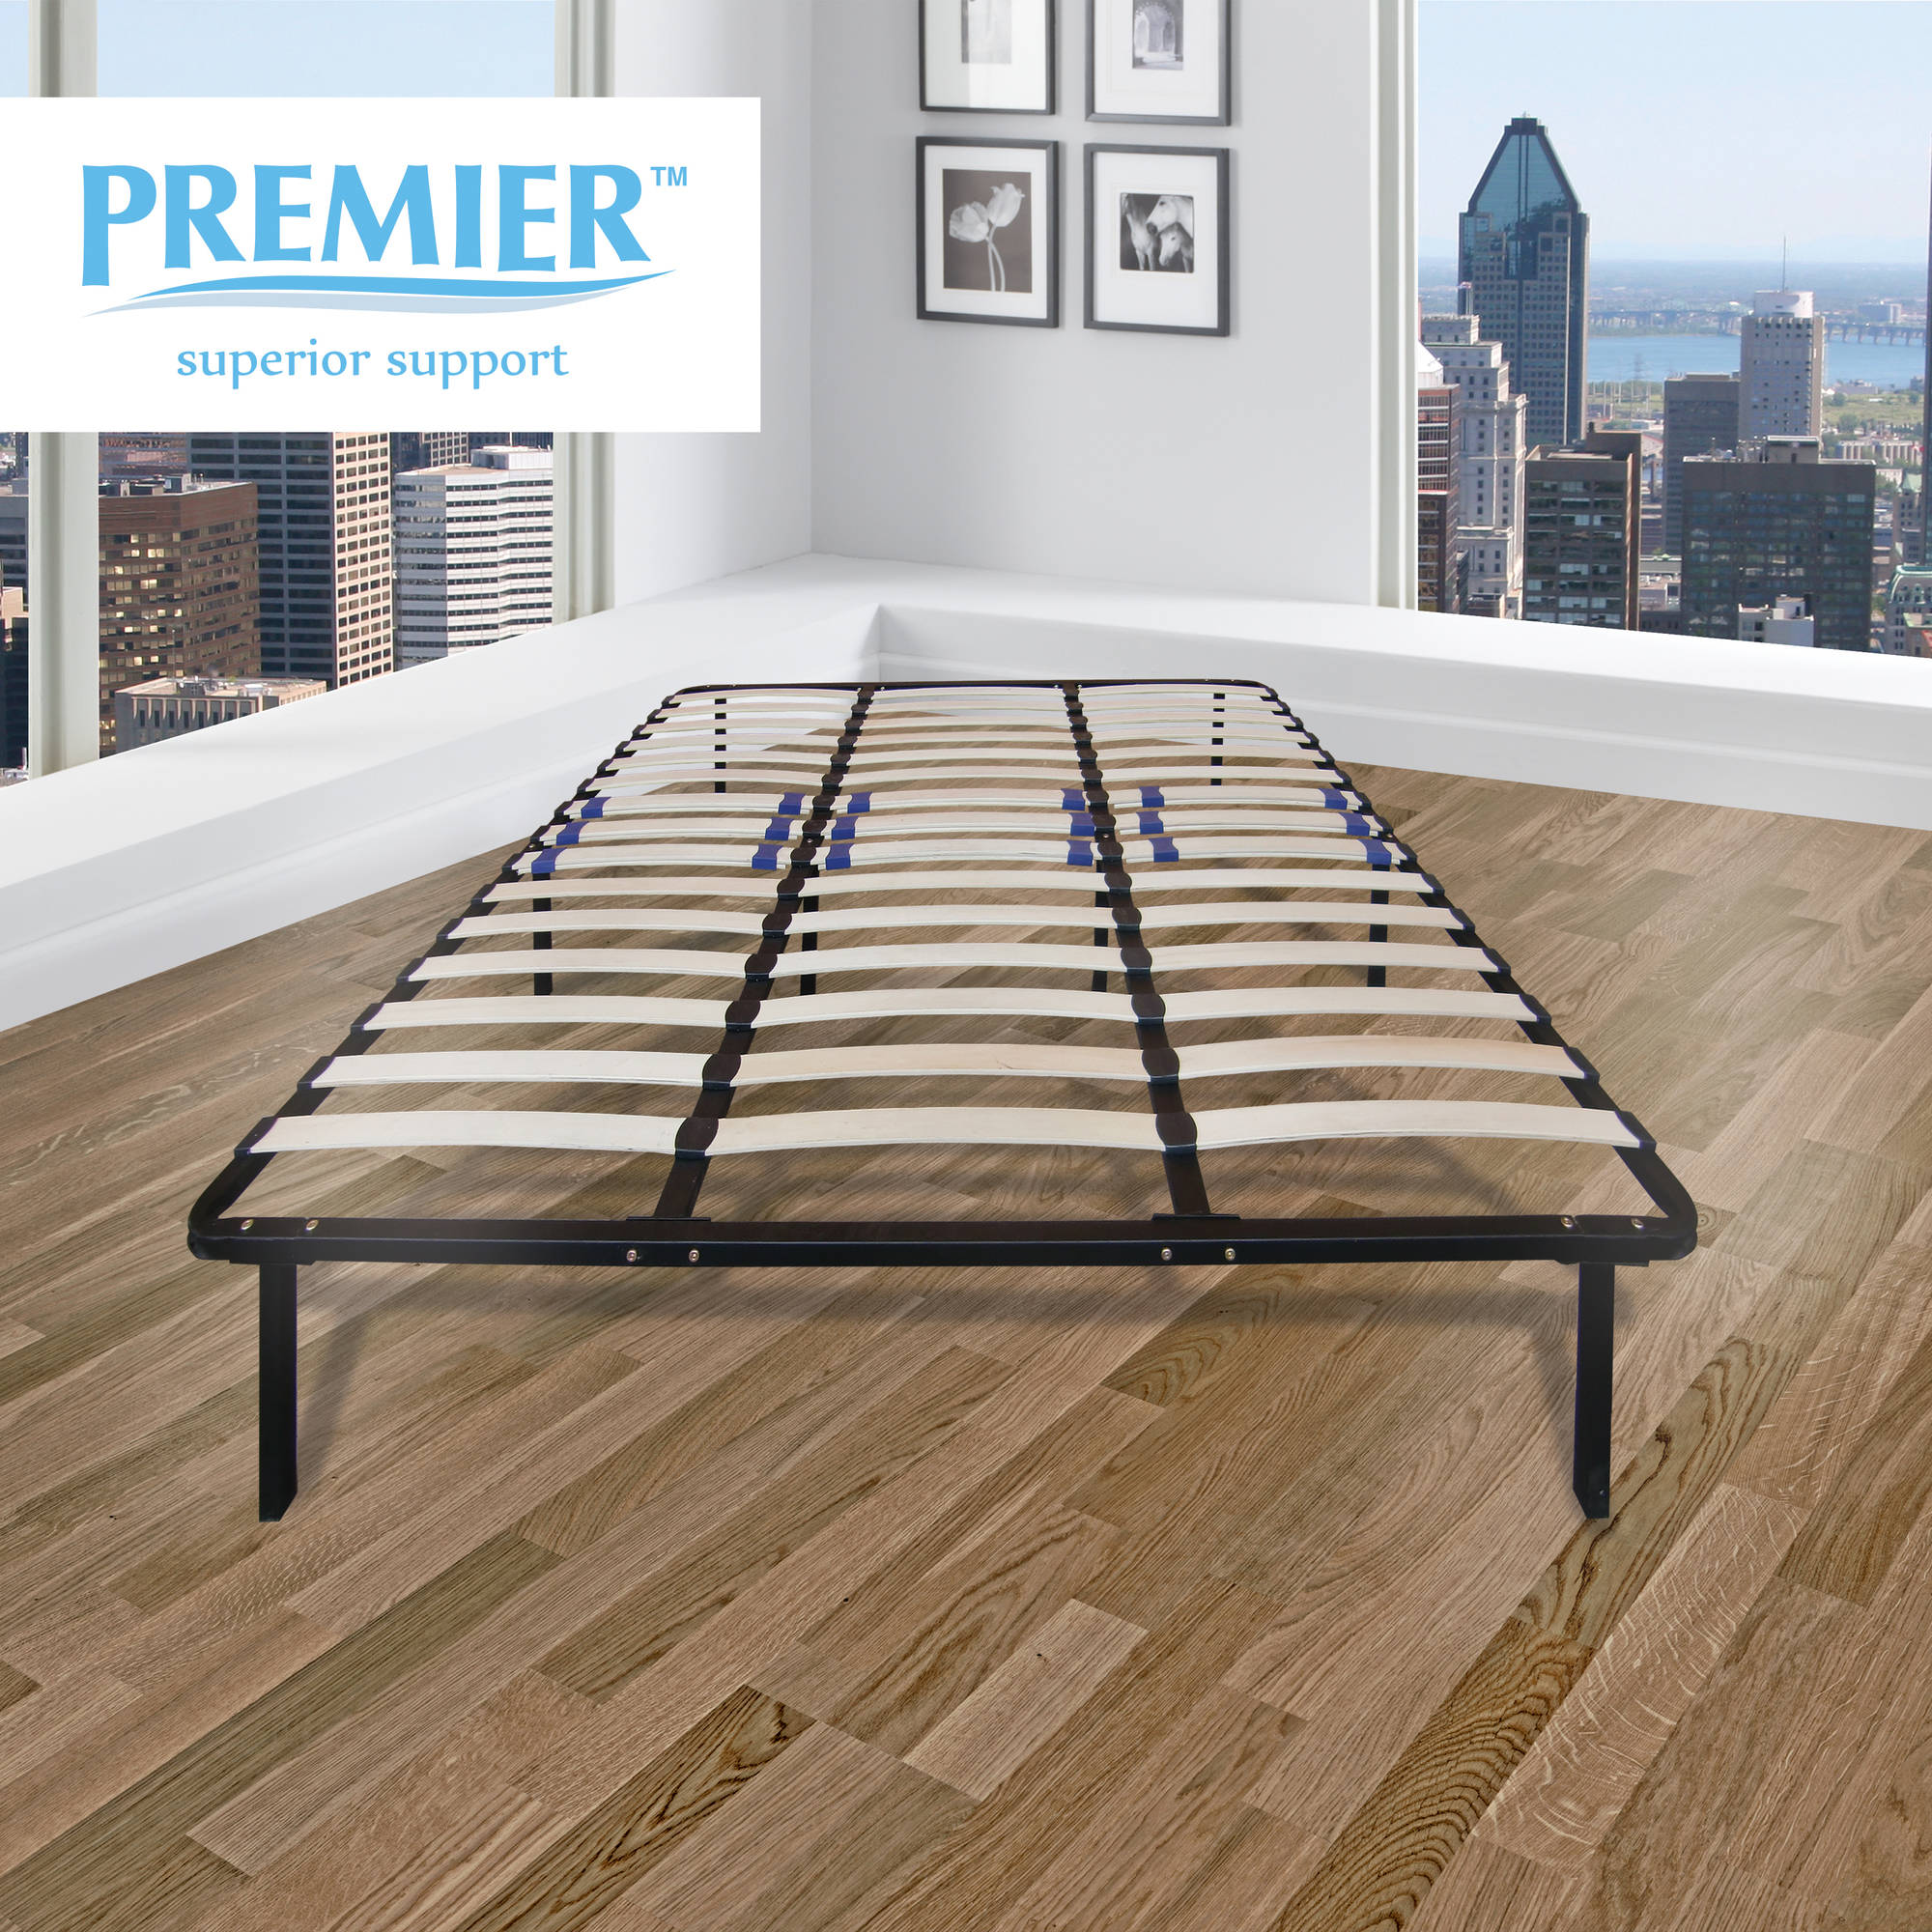 Premier Flex Platform Bed Frame with Adjustable Lumbar Support, Multiple Sizes